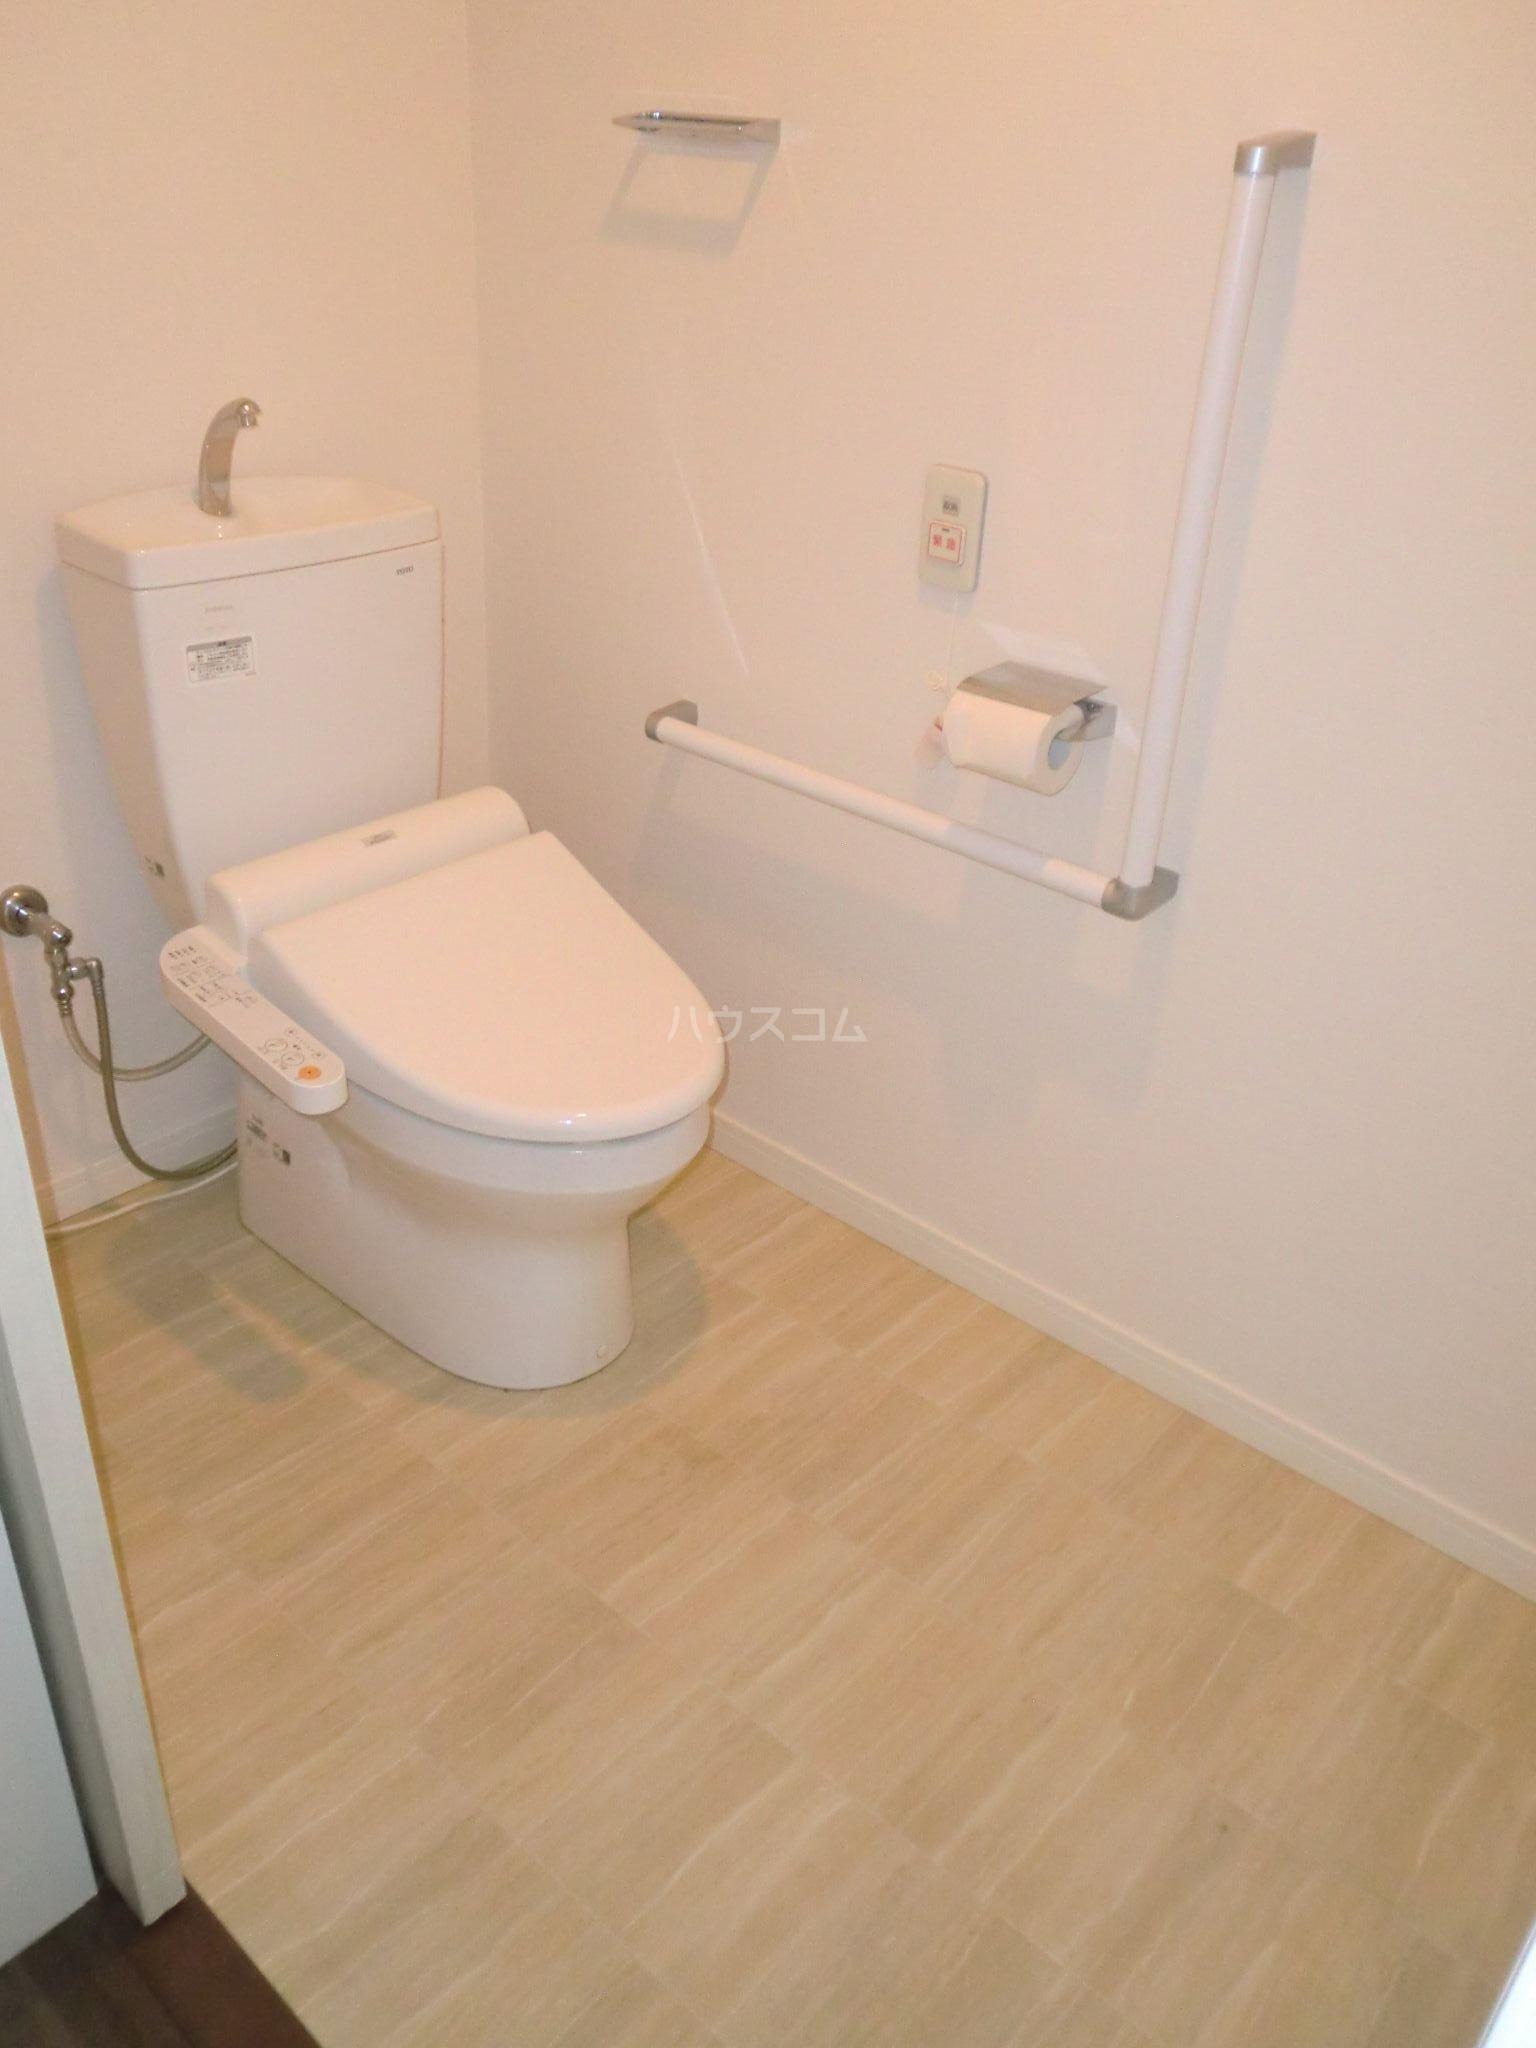 モントーレラコルタユニバ通り 503号室のトイレ